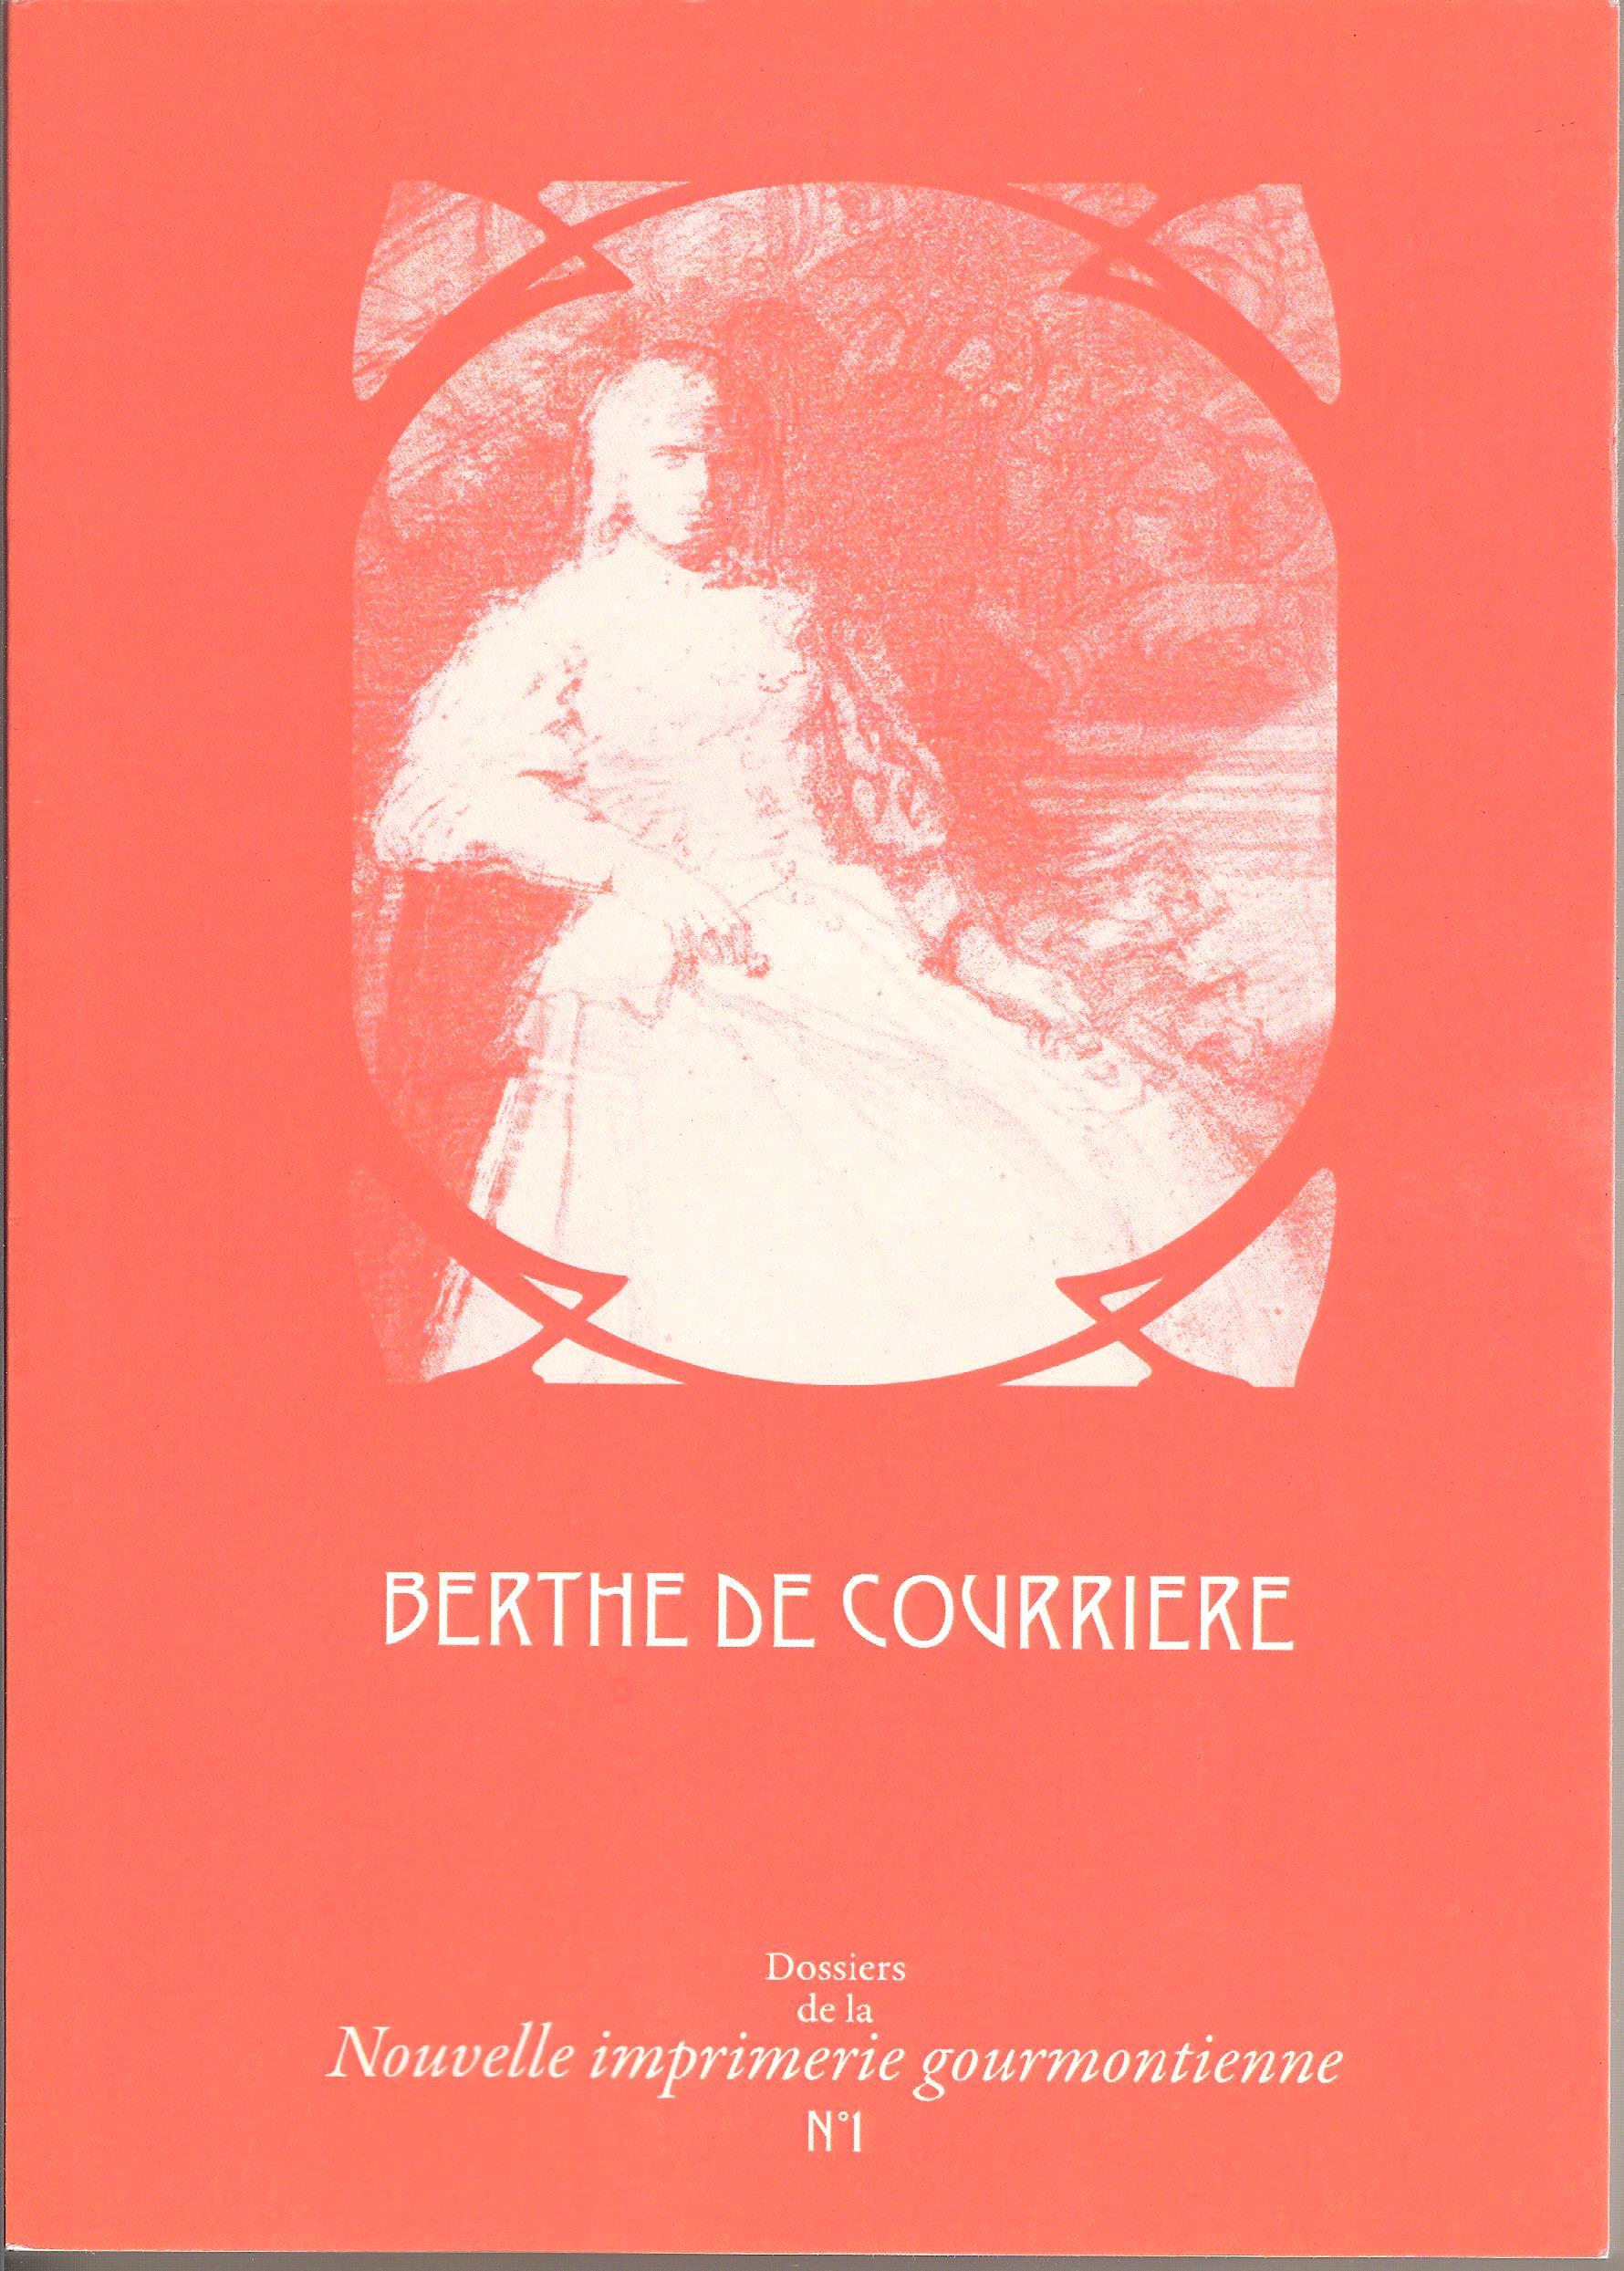 Berthe de Courrière. Dossier n° 1 de la Nouvelle imprimerie gourmontienne